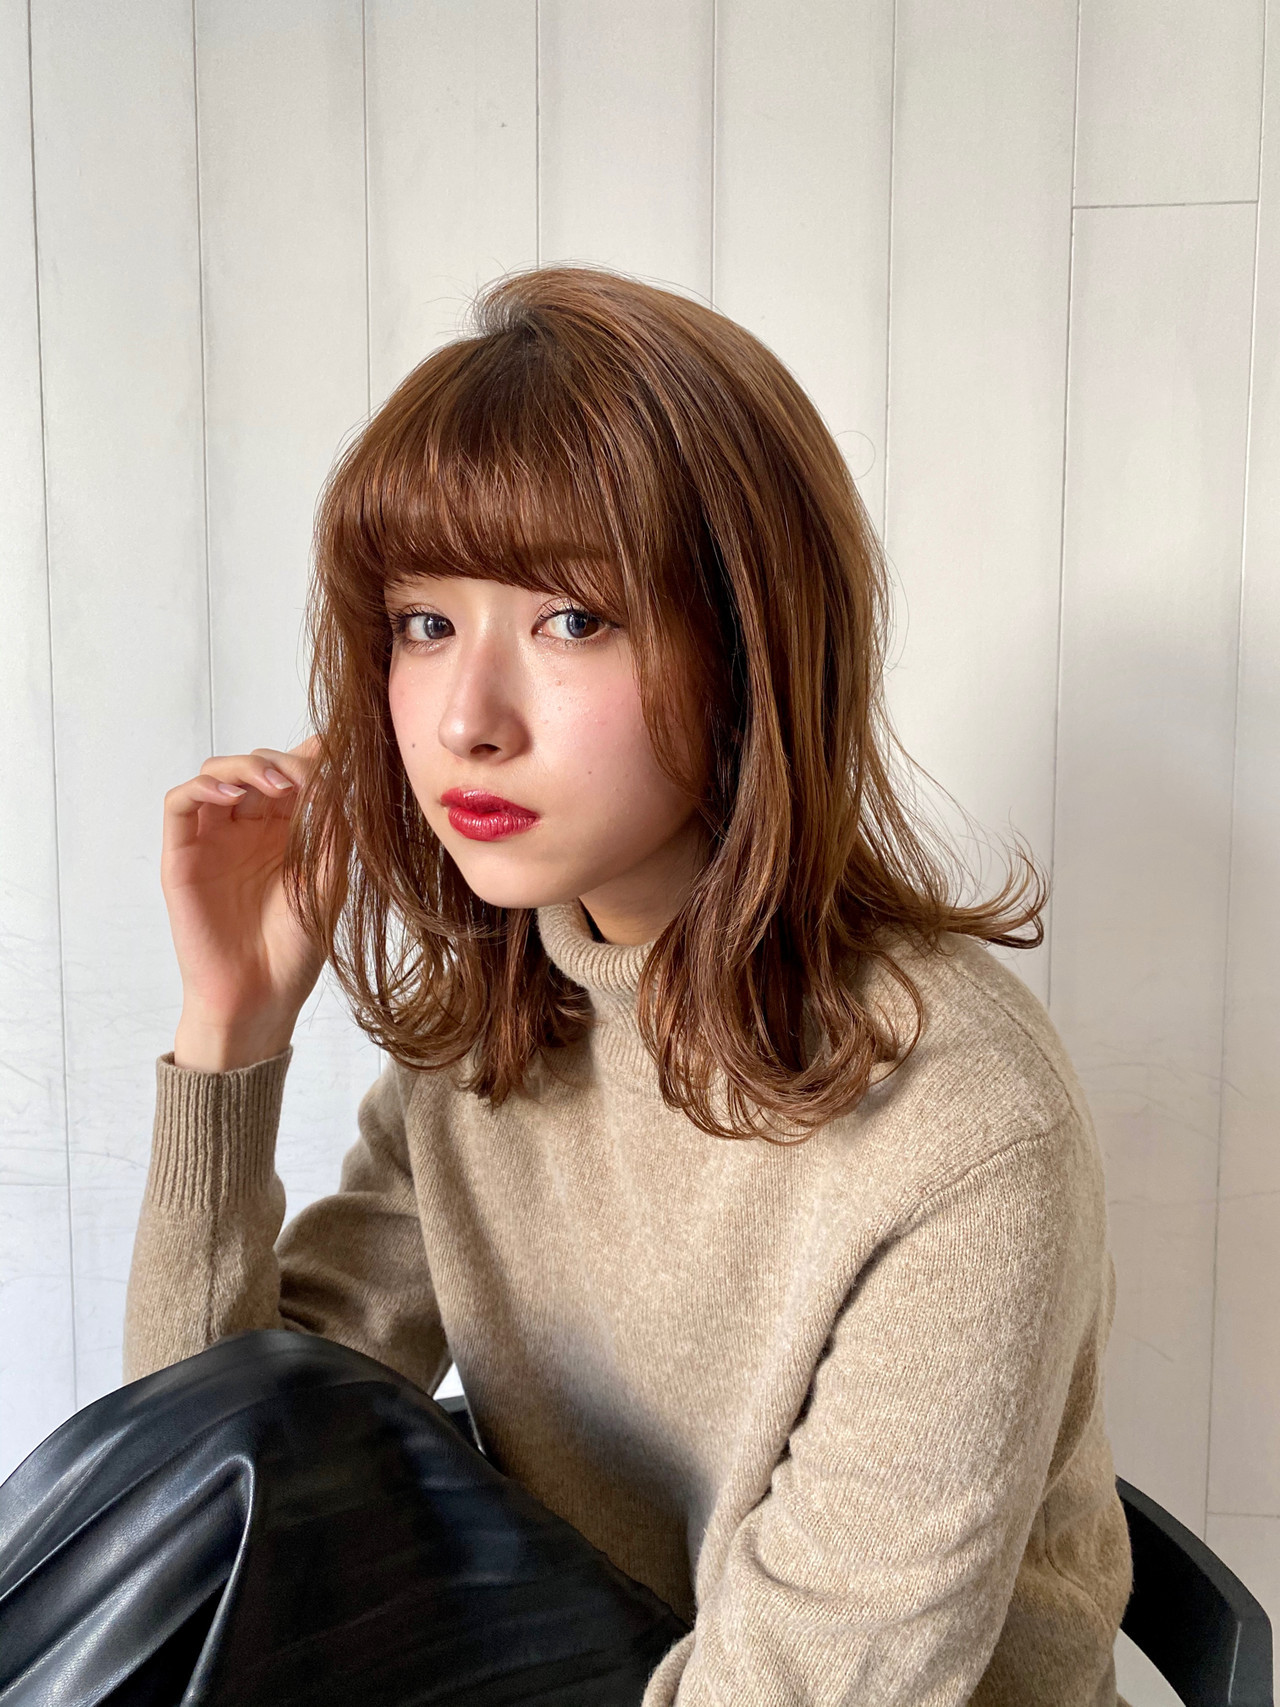 ミディアム ミディアムレイヤー 前髪パーマ モテ髮シルエット ヘアスタイルや髪型の写真・画像